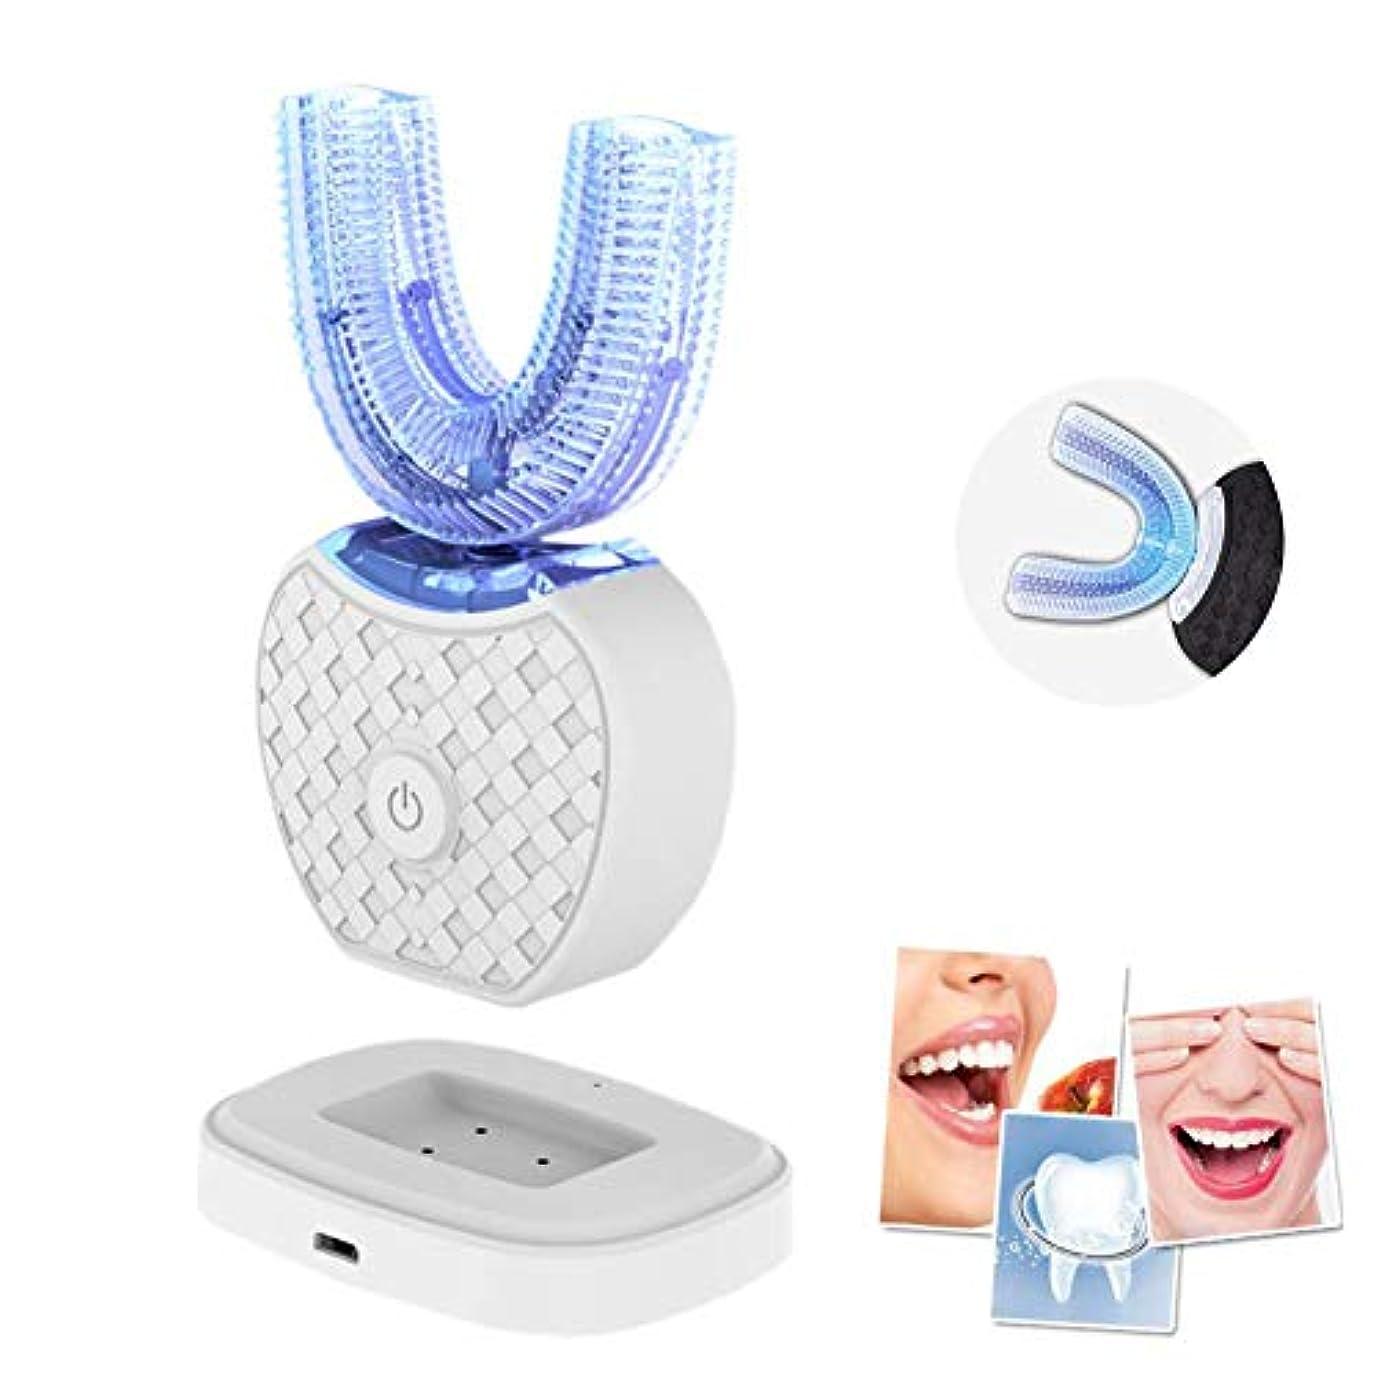 判定野な日焼けスマート怠惰なシリコーン電動歯ブラシを360度ワイヤレス歯のクリーナーパーソナルケア、防水USB充電をホワイトニング